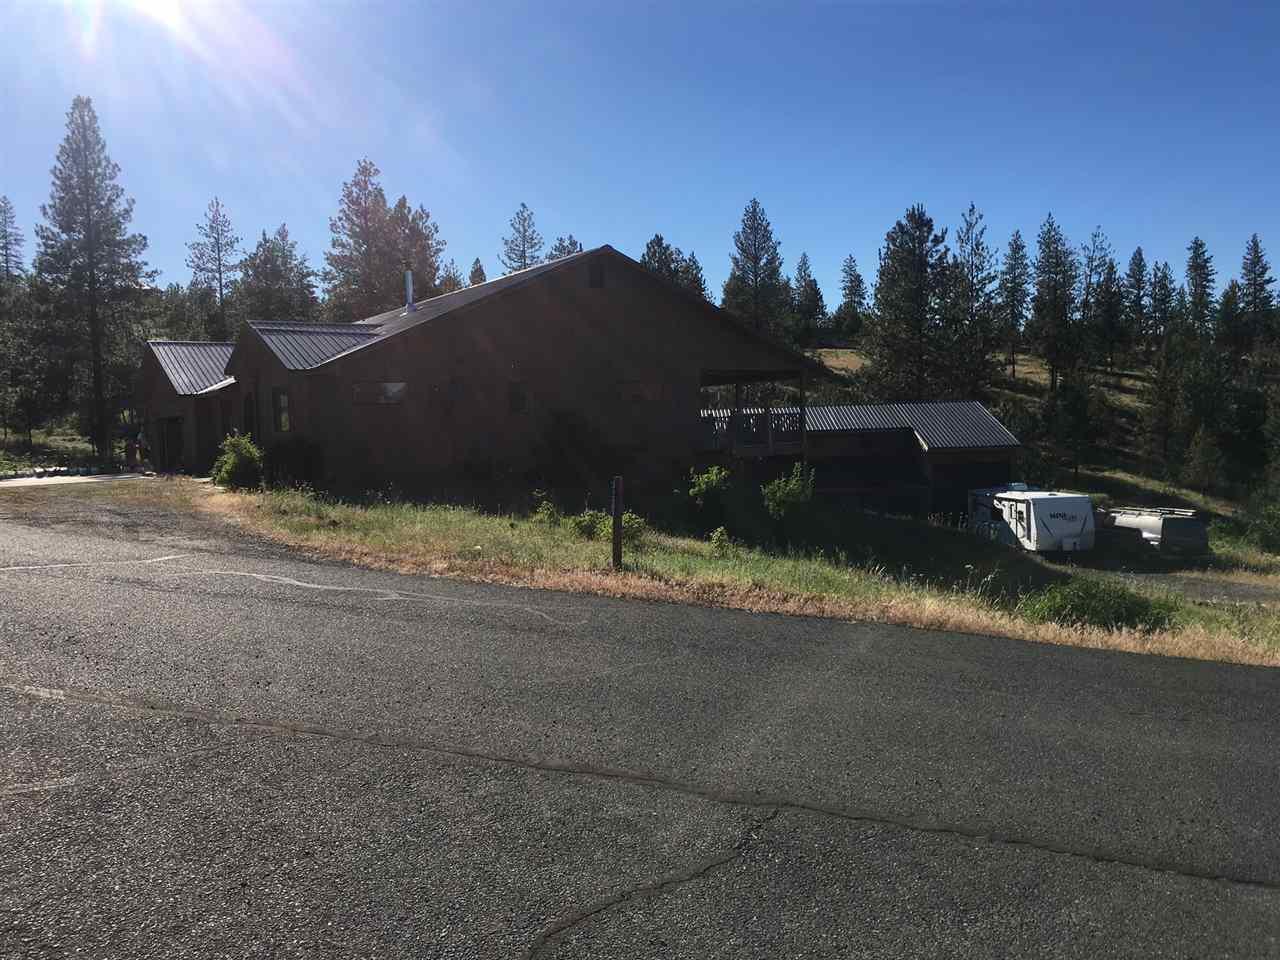 Single Family Home for Sale at 31285 E Ruffed Grouse Road 31285 E Ruffed Grouse Road Davenport, Washington 99122 United States